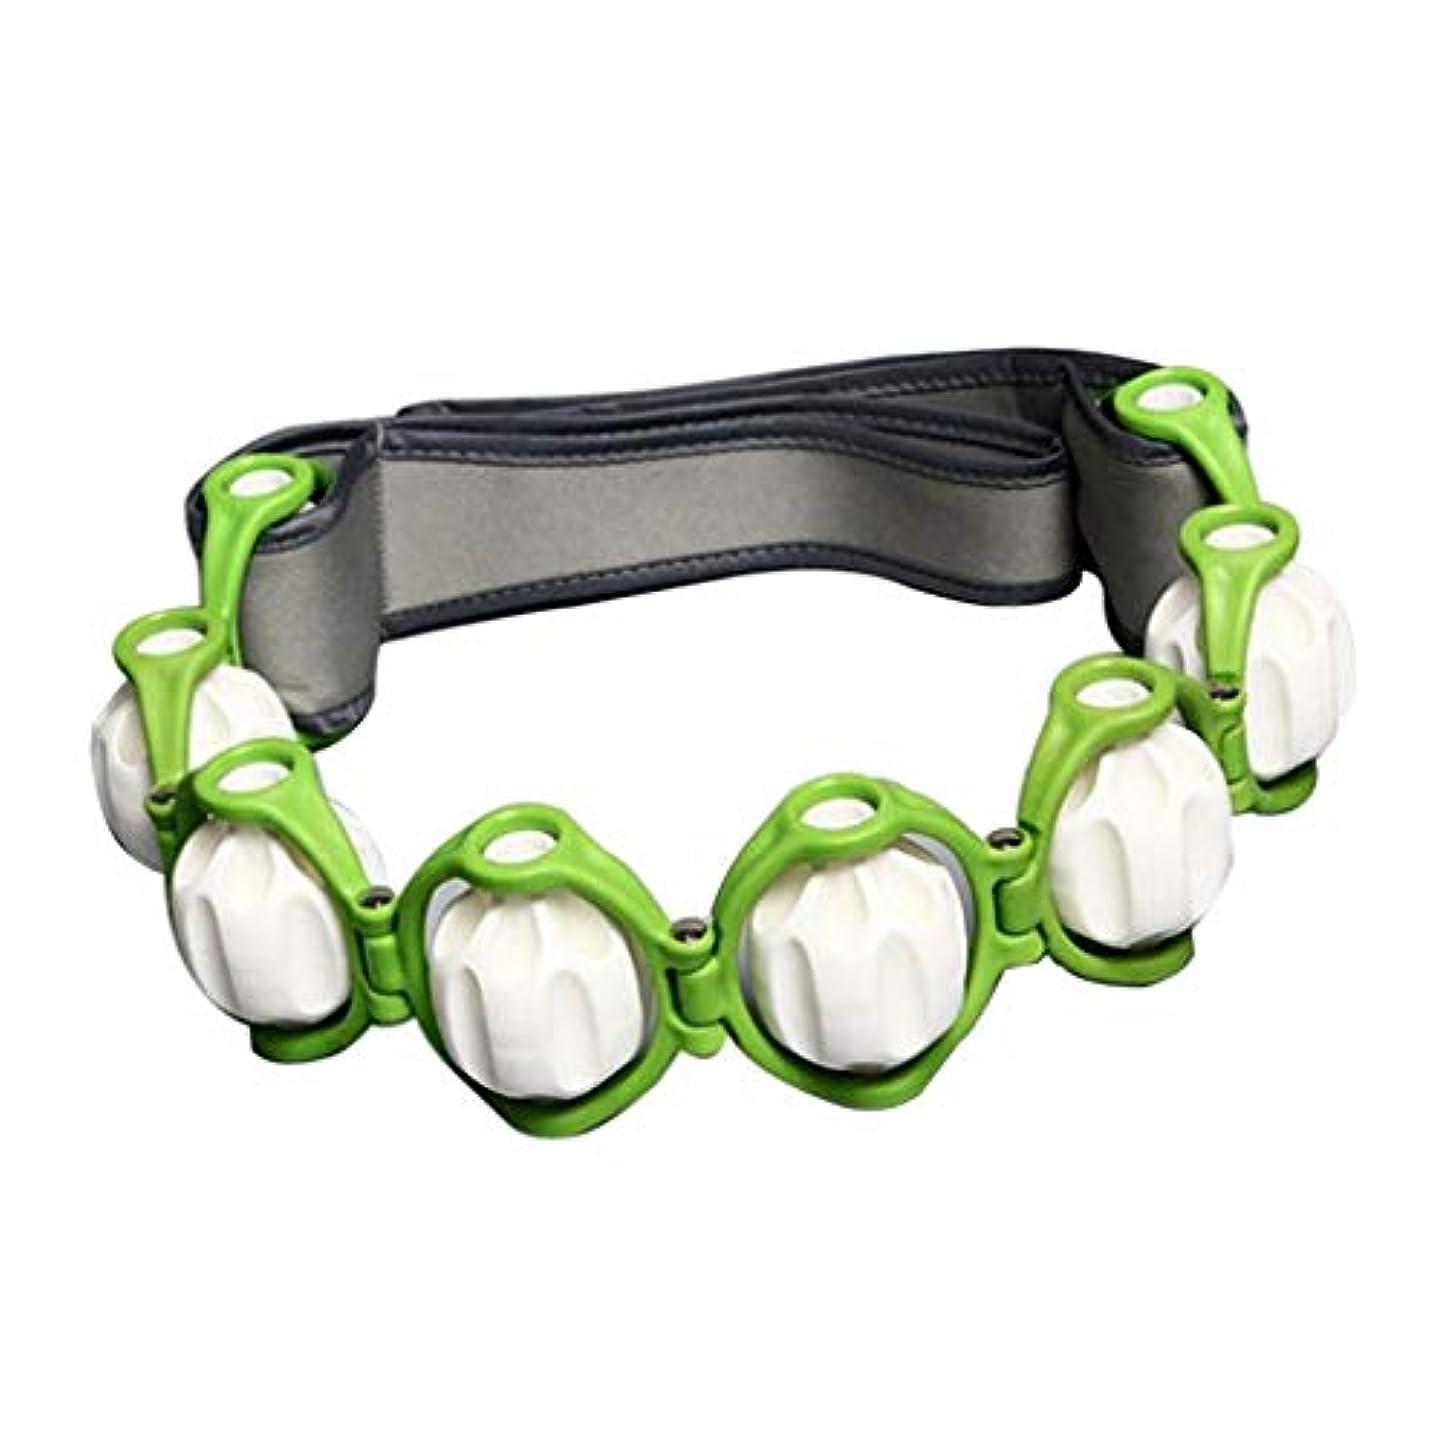 範囲遺産マイルボディマッサージローラー ロープ付き 六つボール 4色選べ - 緑, 説明したように